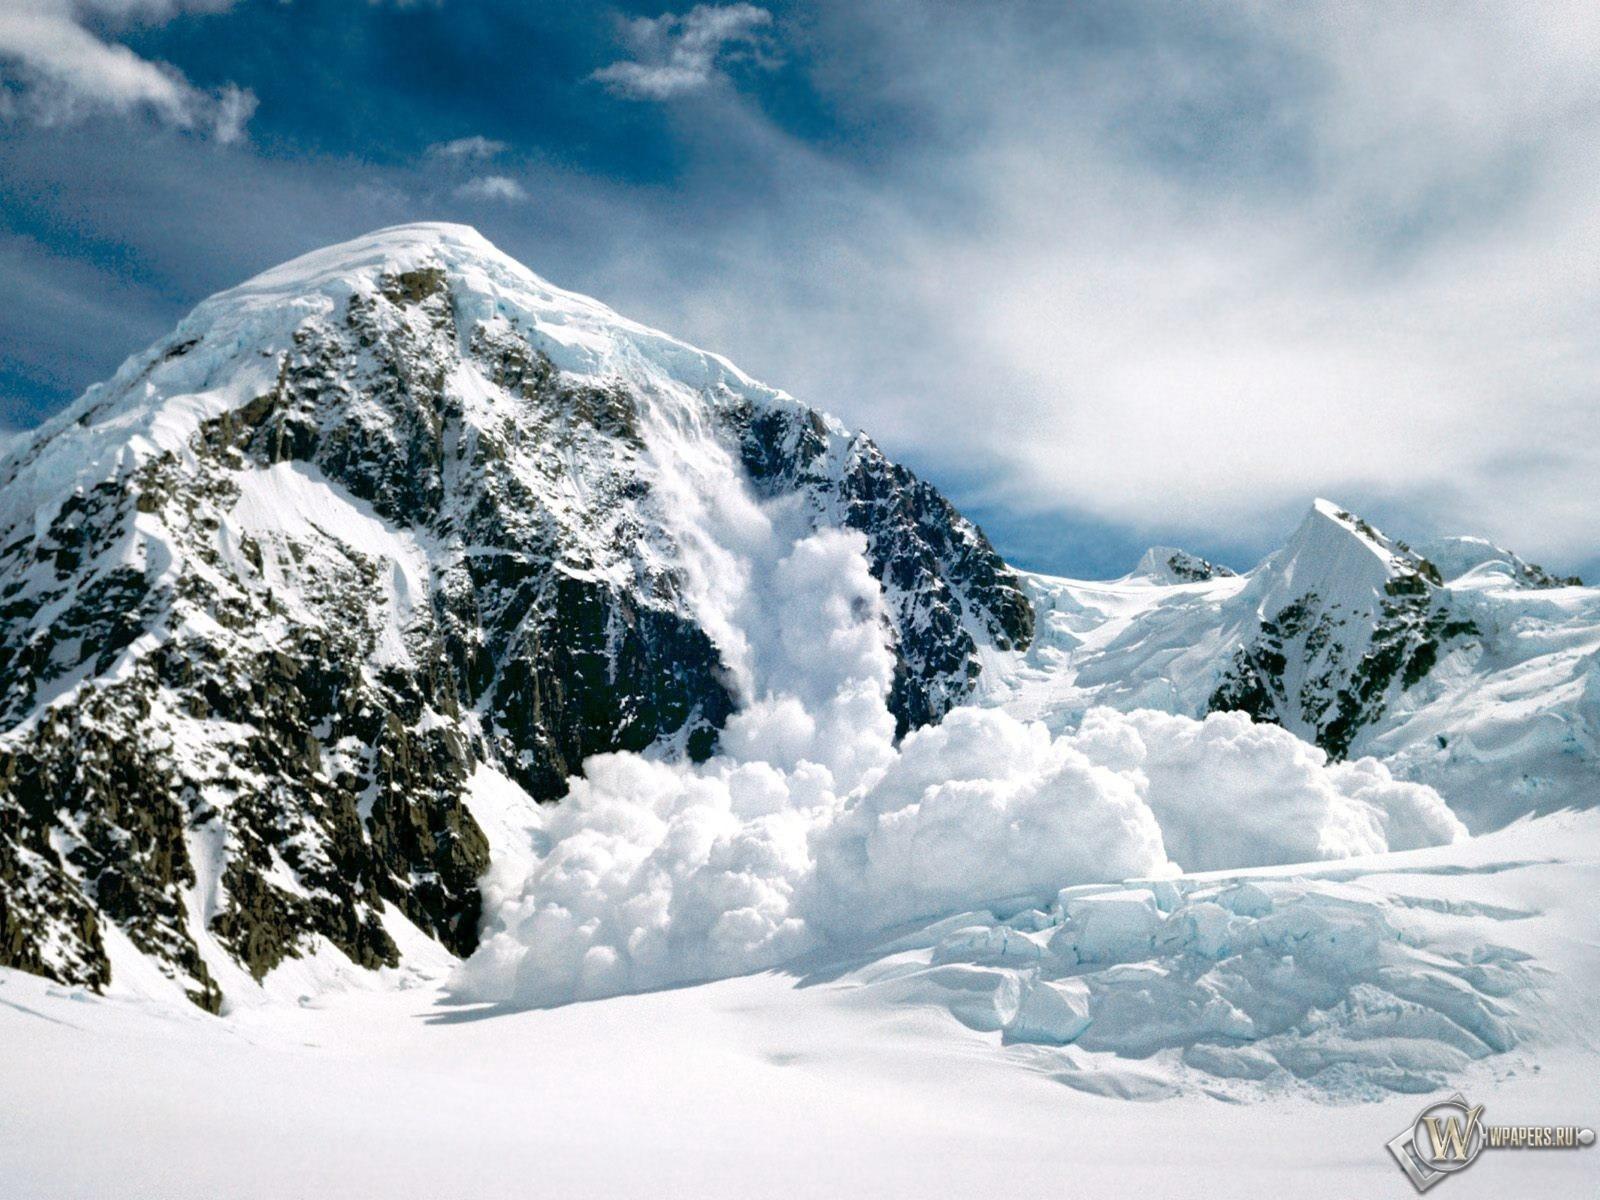 Снежная лавина 1600x1200